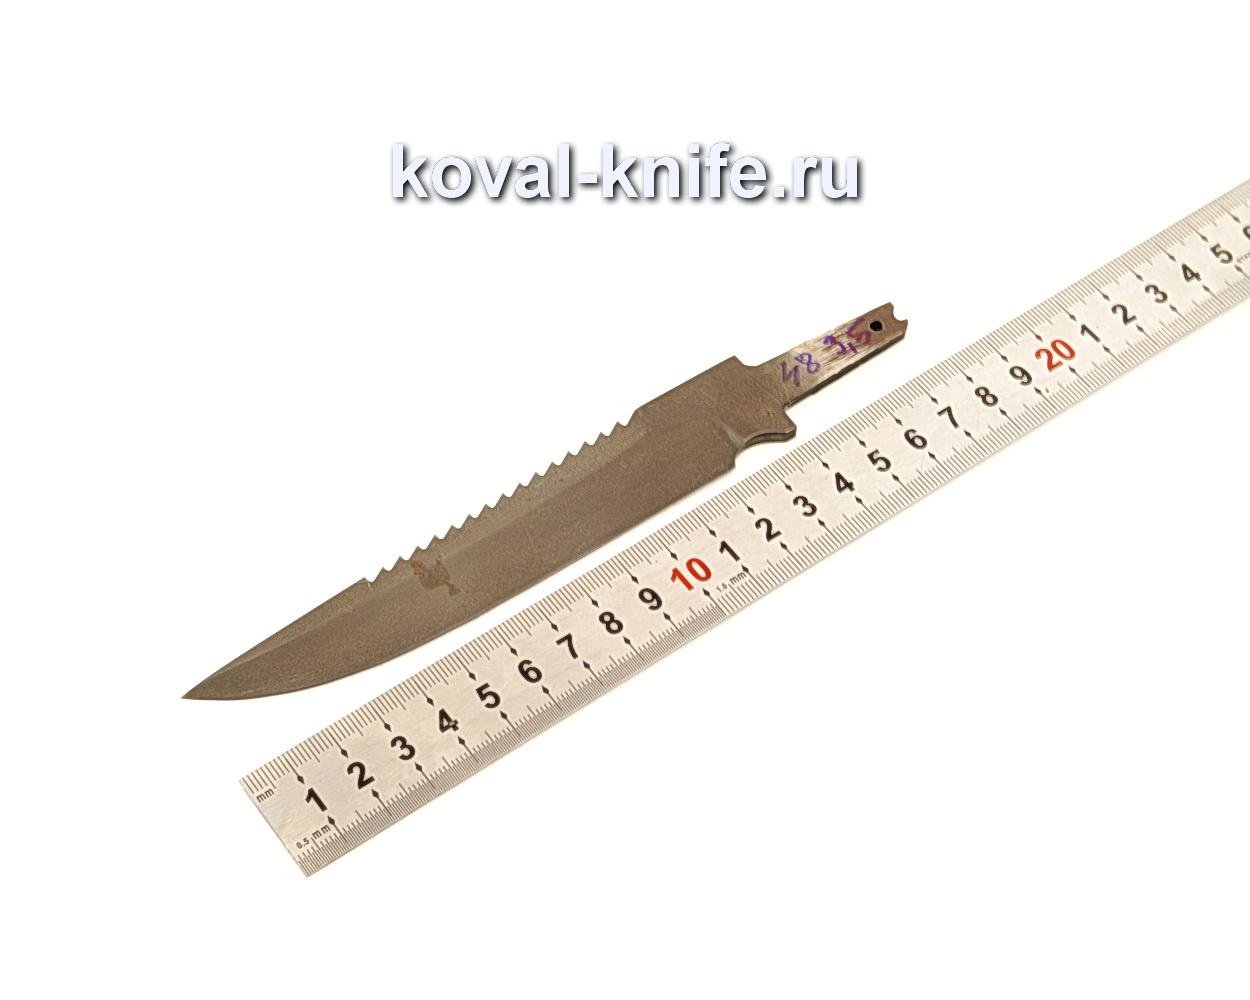 Клинок для ножа Рыбак из из булатной стали N48